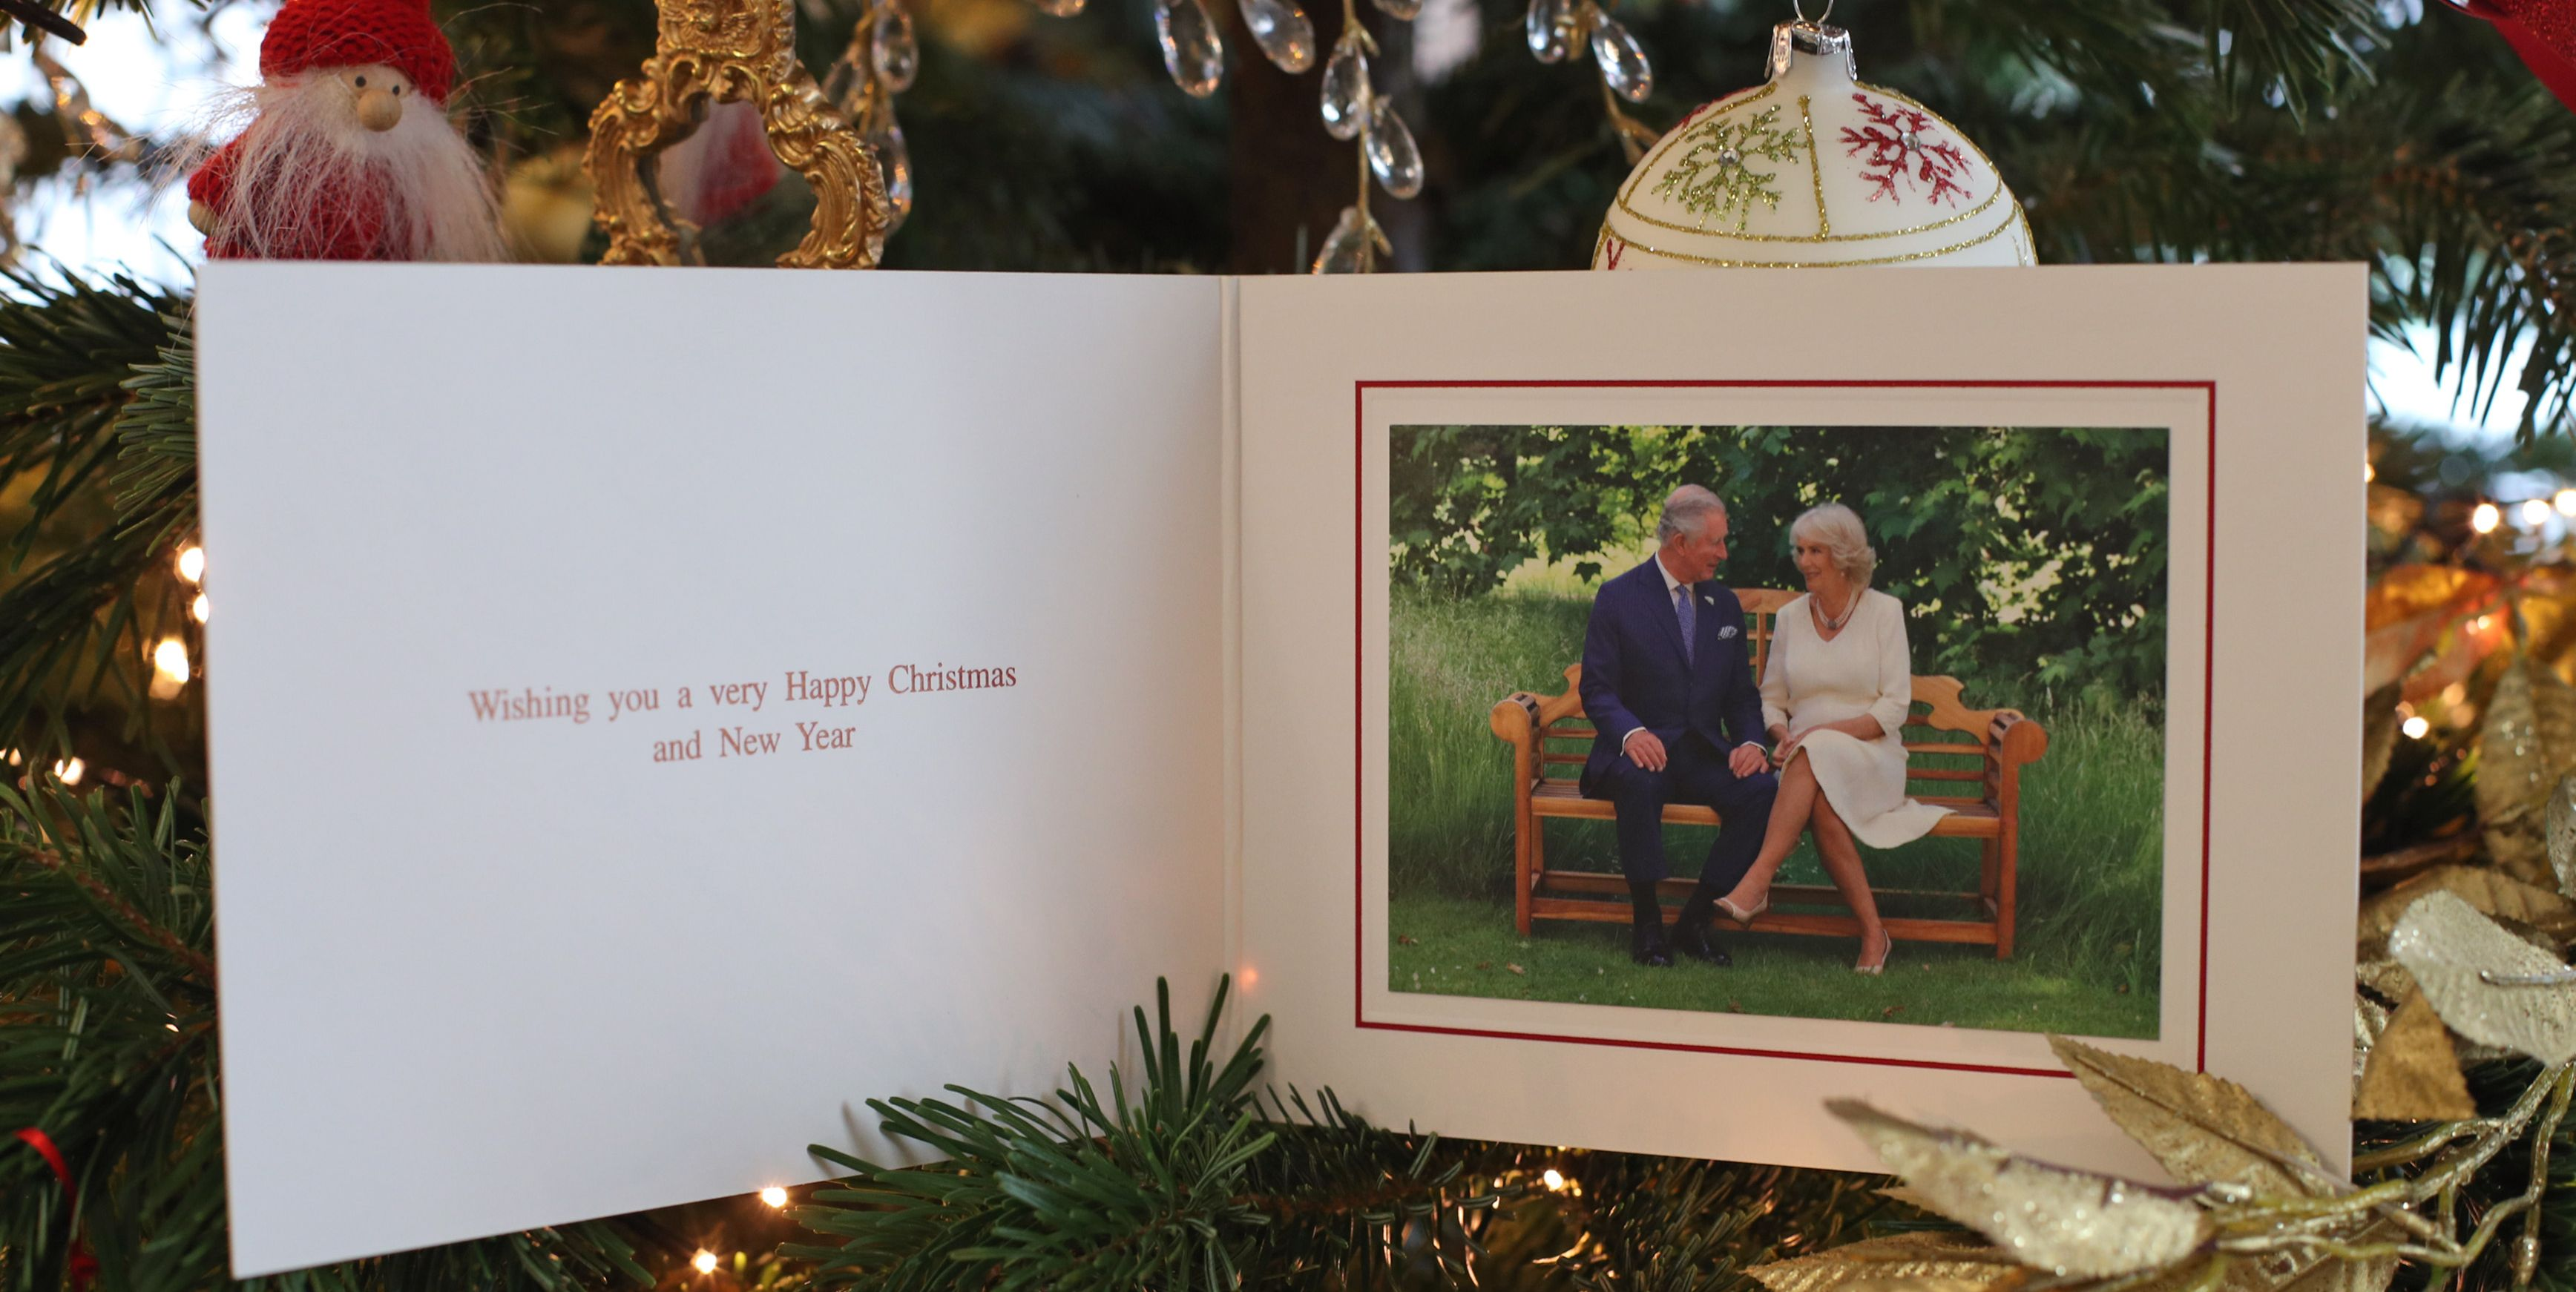 BRITAIN-ROYALS-CHRISTMAS